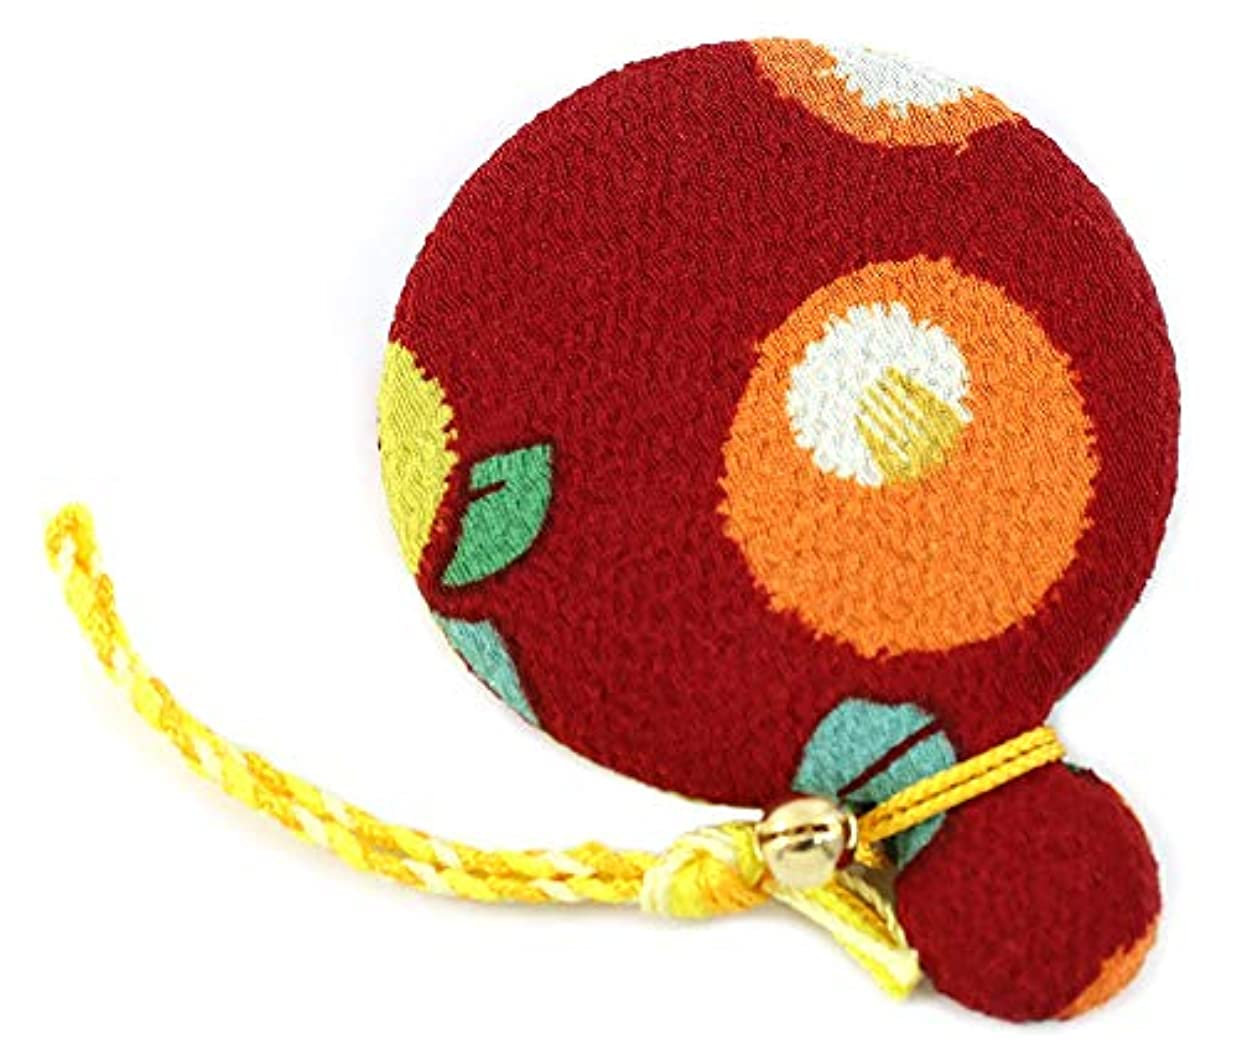 おもてなし休眠アリーナZOON(ズーン) 花ちりめん コンパクトミラー 赤椿 和柄 着物 ちりめん 生地 布製 まる鏡 日本製 お土産 赤椿